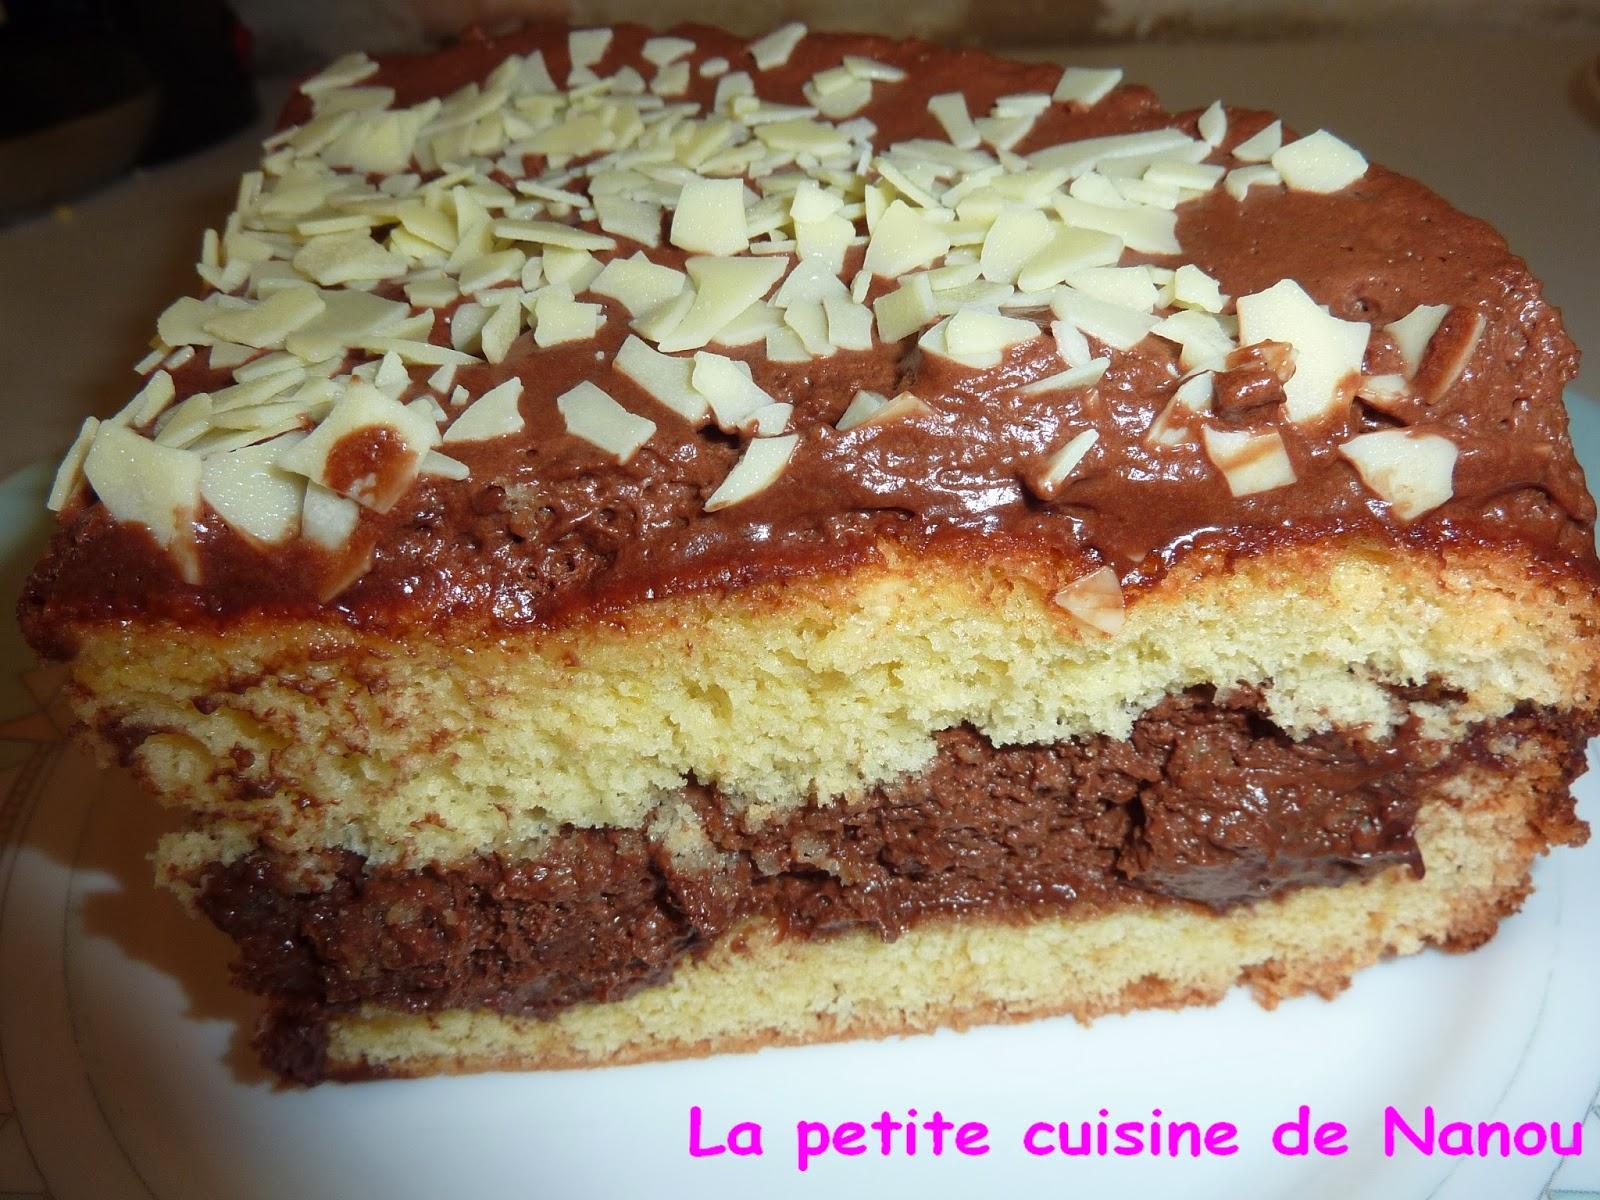 La petite cuisine de nanou g noise fourr e mousse chocolat - Que mettre dans un gateau de couche ...